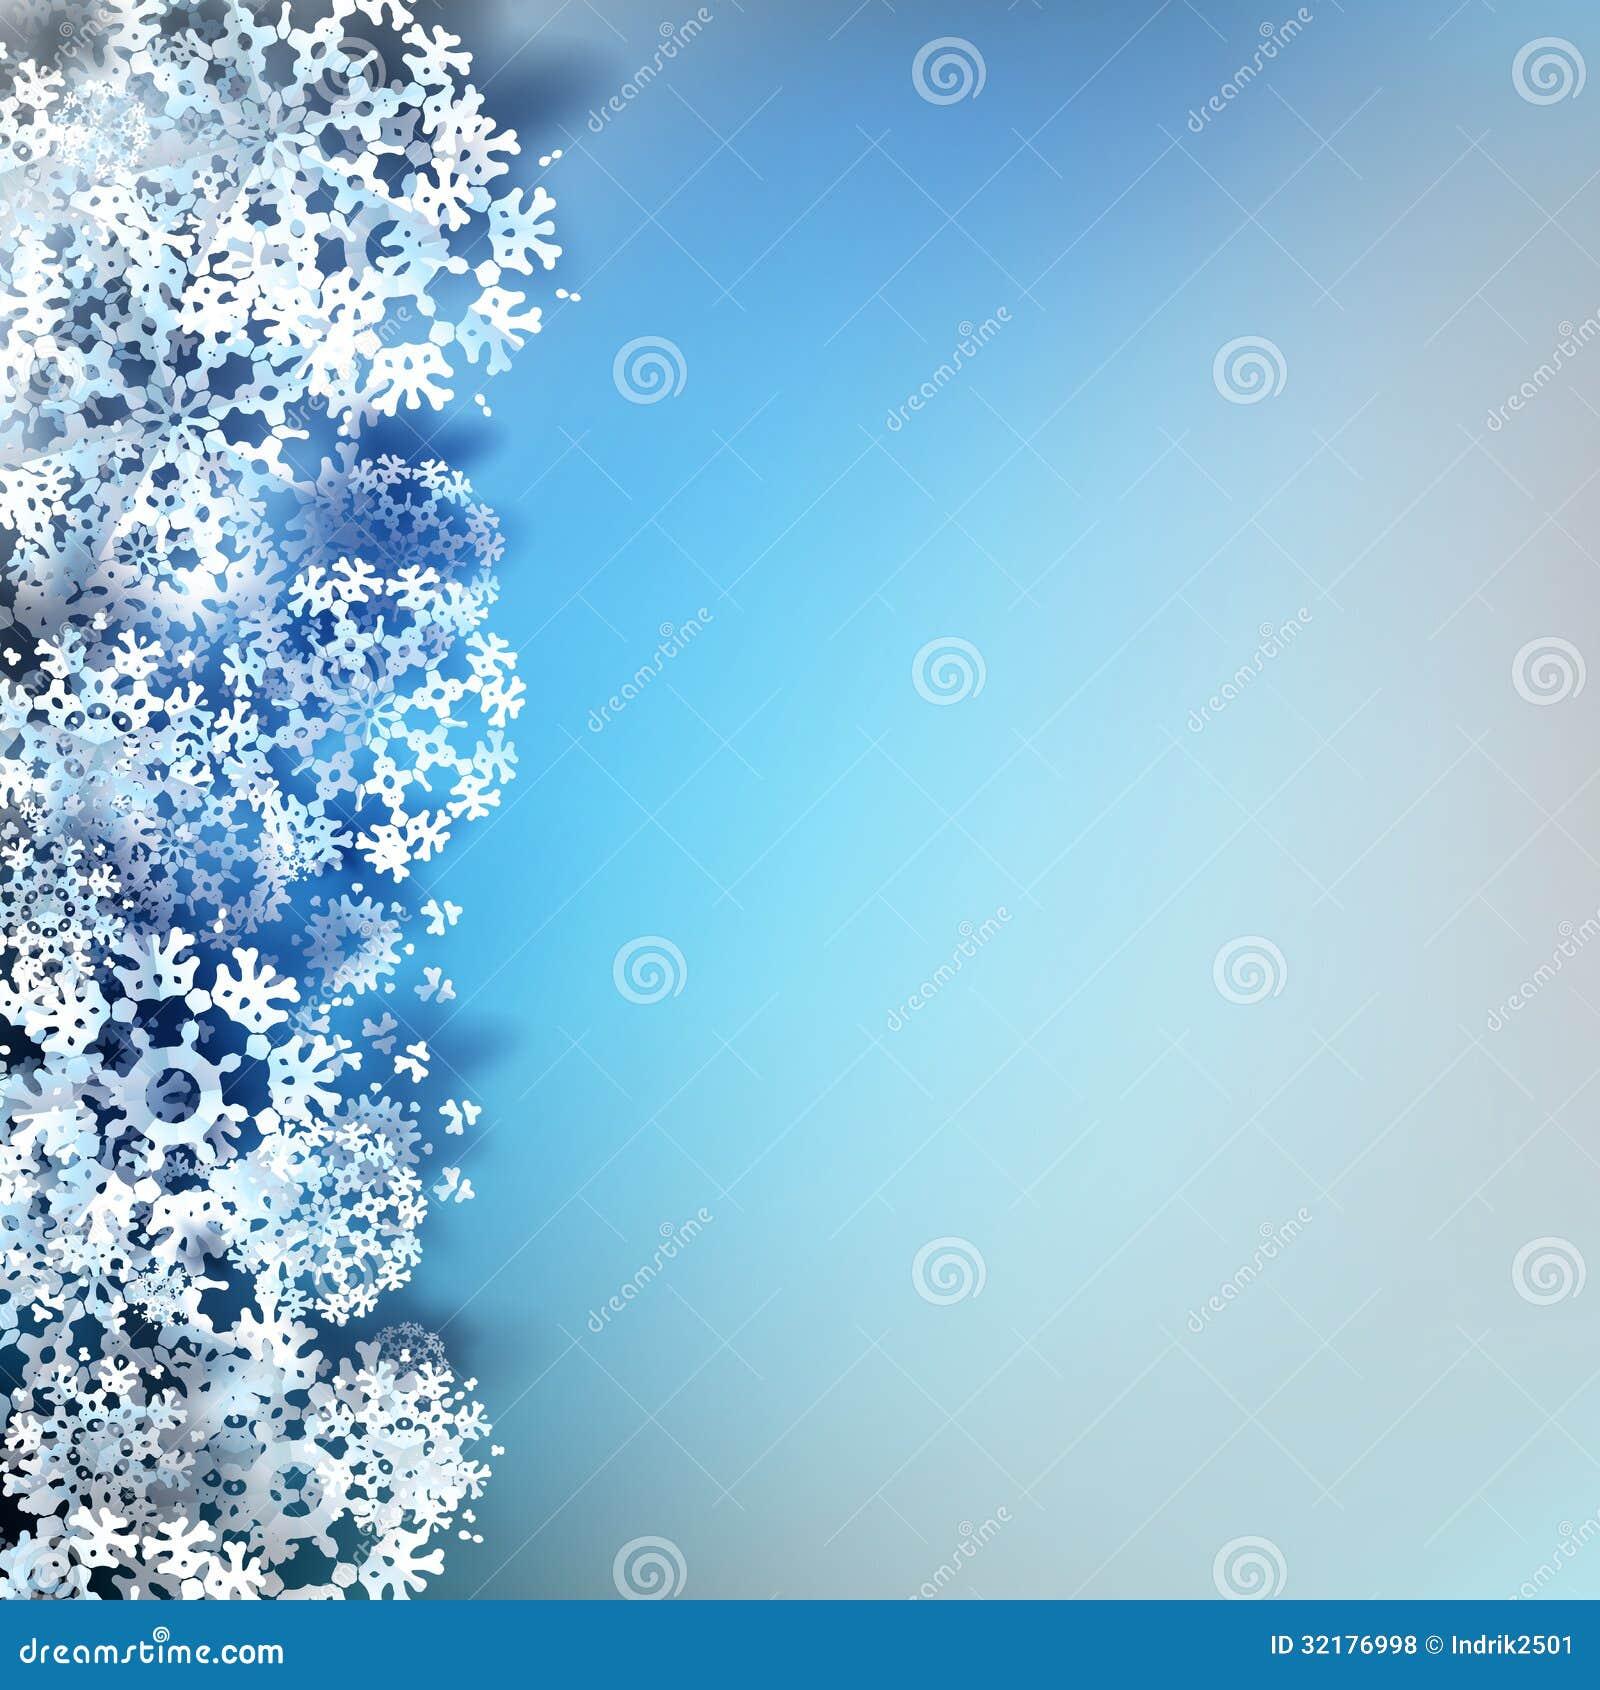 Christmas snowflakes background eps 10 royalty free stock photos